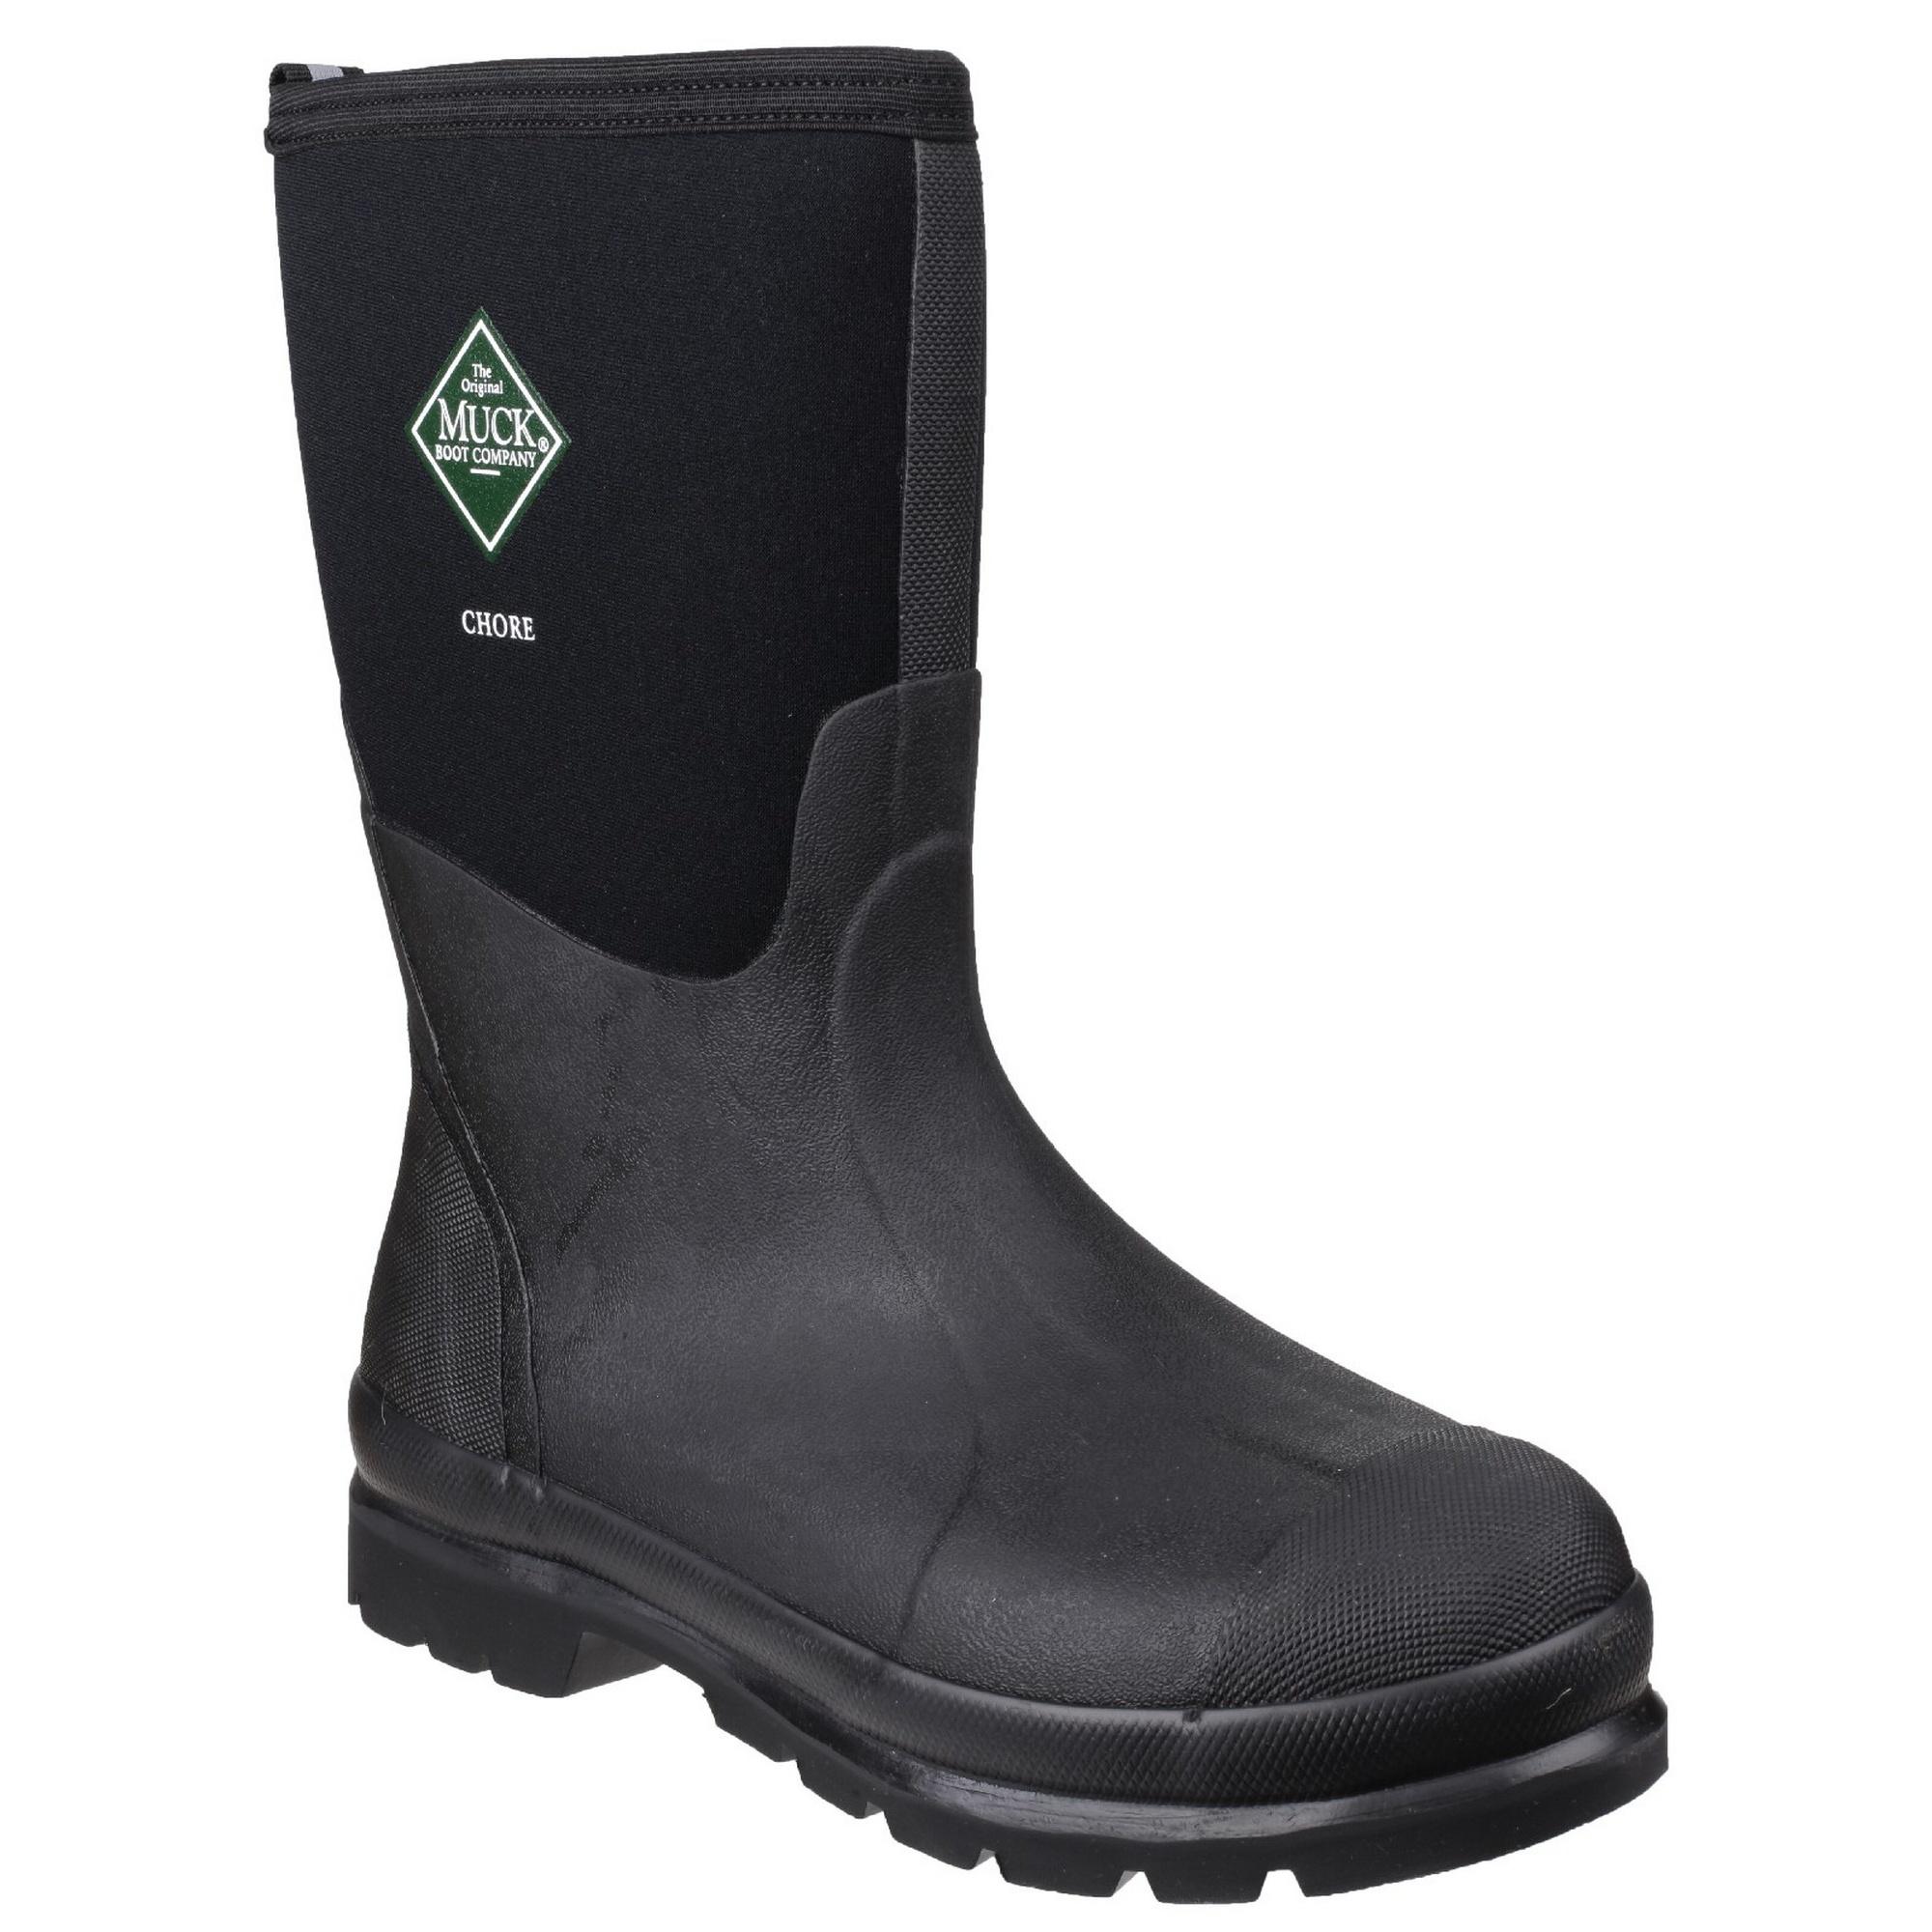 Muck botas - - - Botas de agua clásicas de caña media modelo Chore de uso (FS4293) 9c45bb